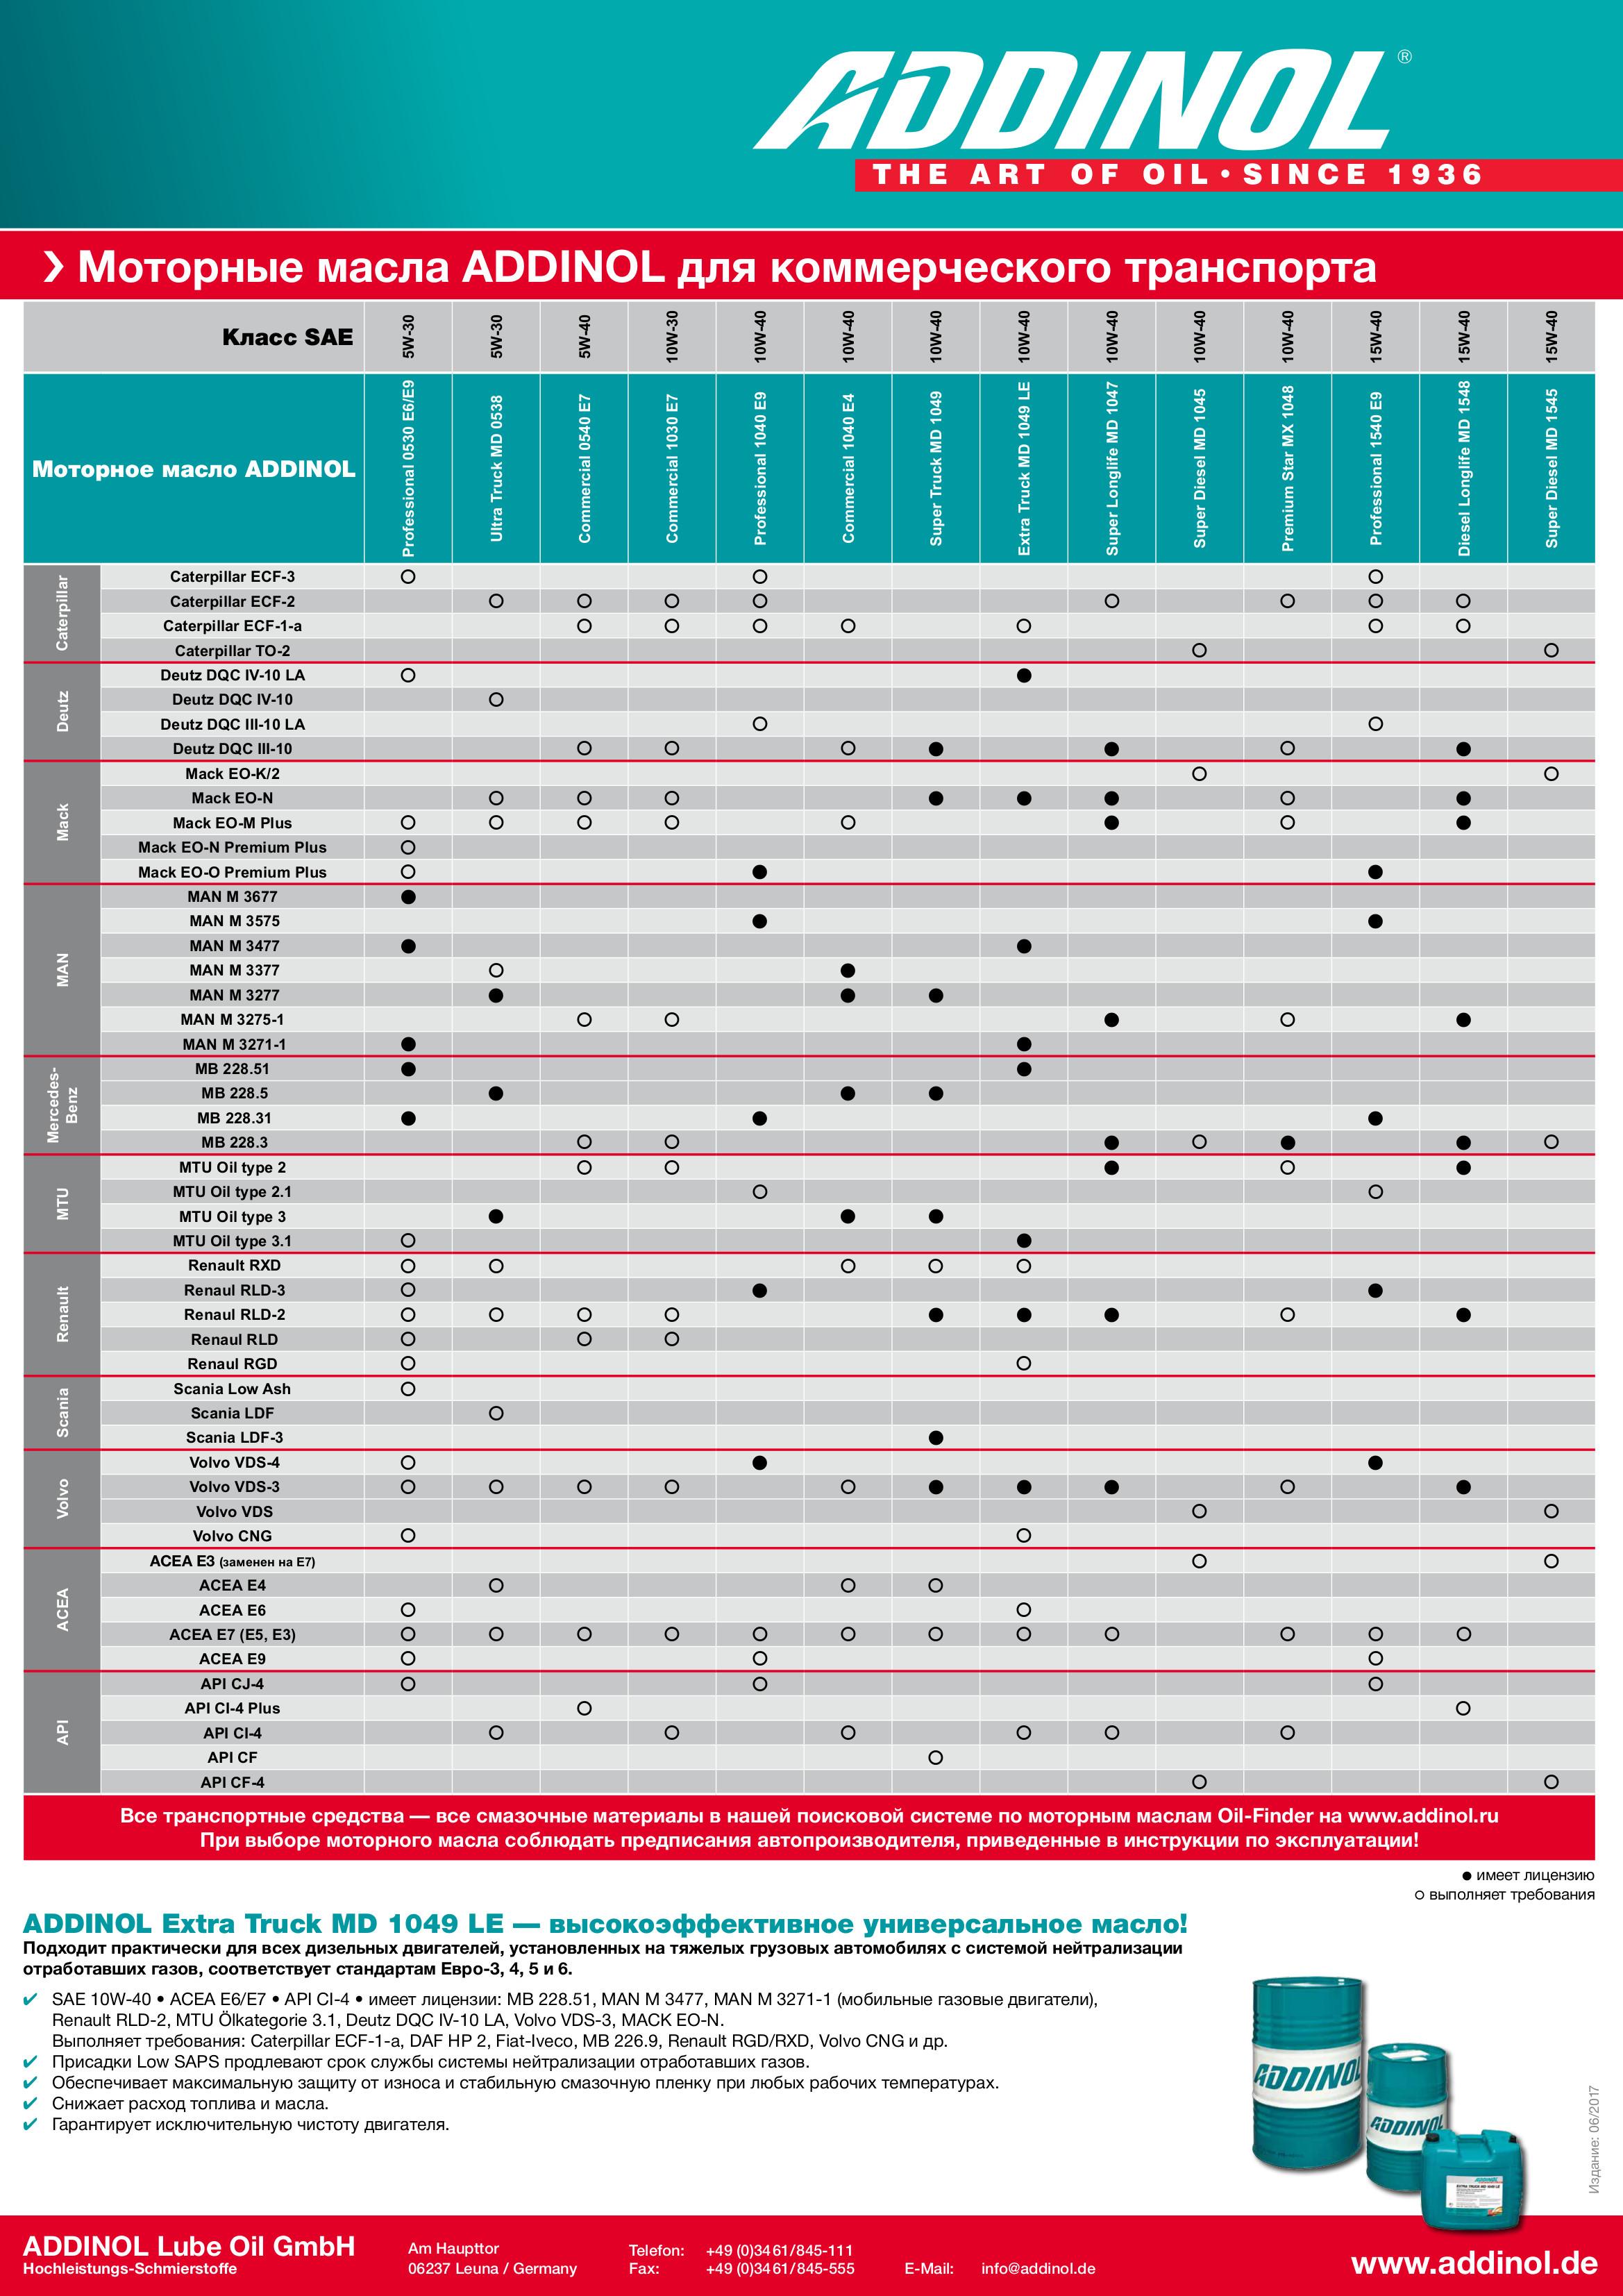 Таблица моторных масел ADDINOL для коммерческого транспорта